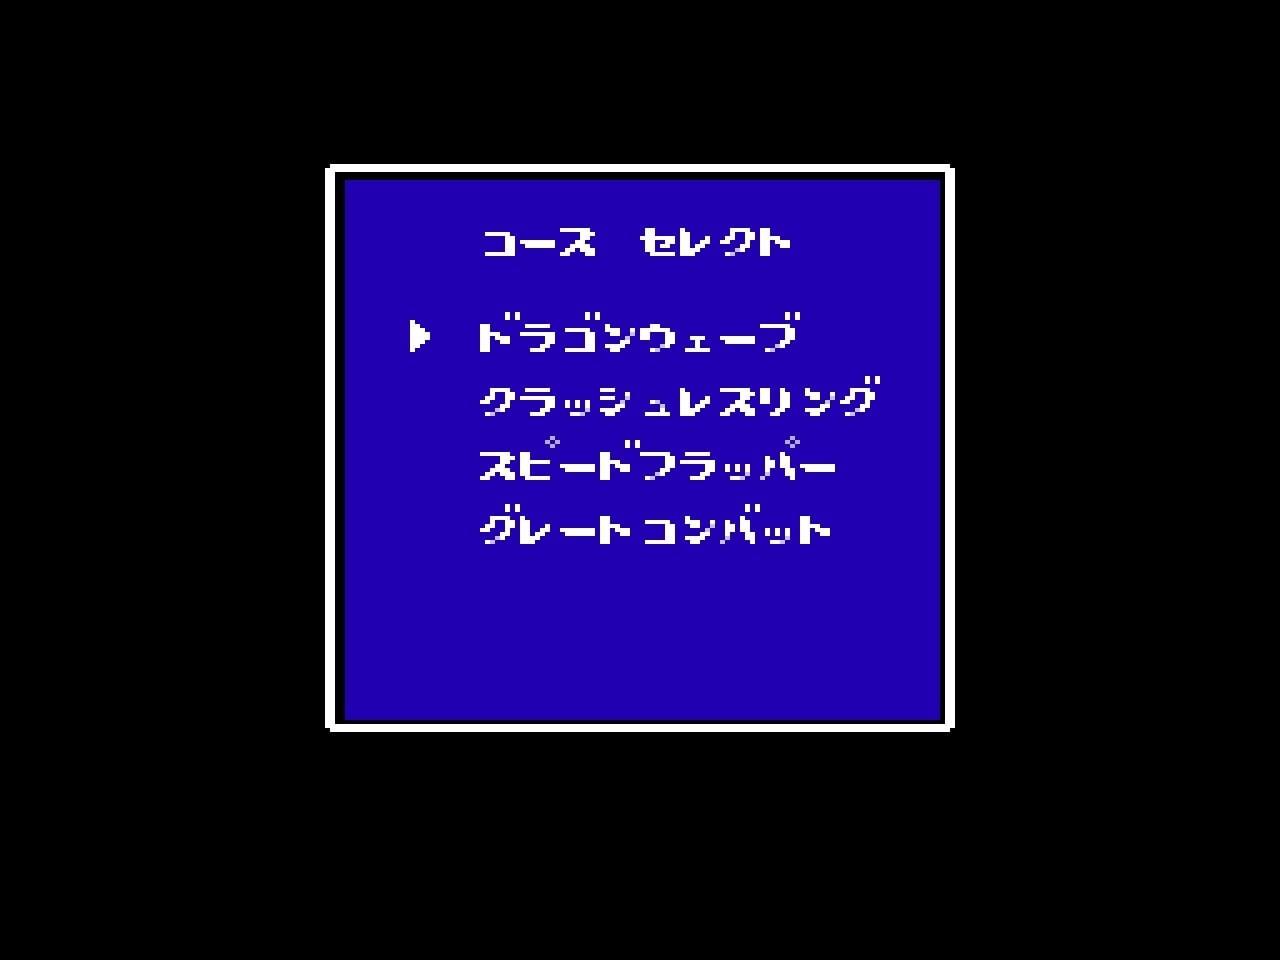 『ダッシュ四駆郎』世代を直撃! ファミコン『レーサーミニ四駆 ジャパンカップ』の意外性のある面白さの画像007